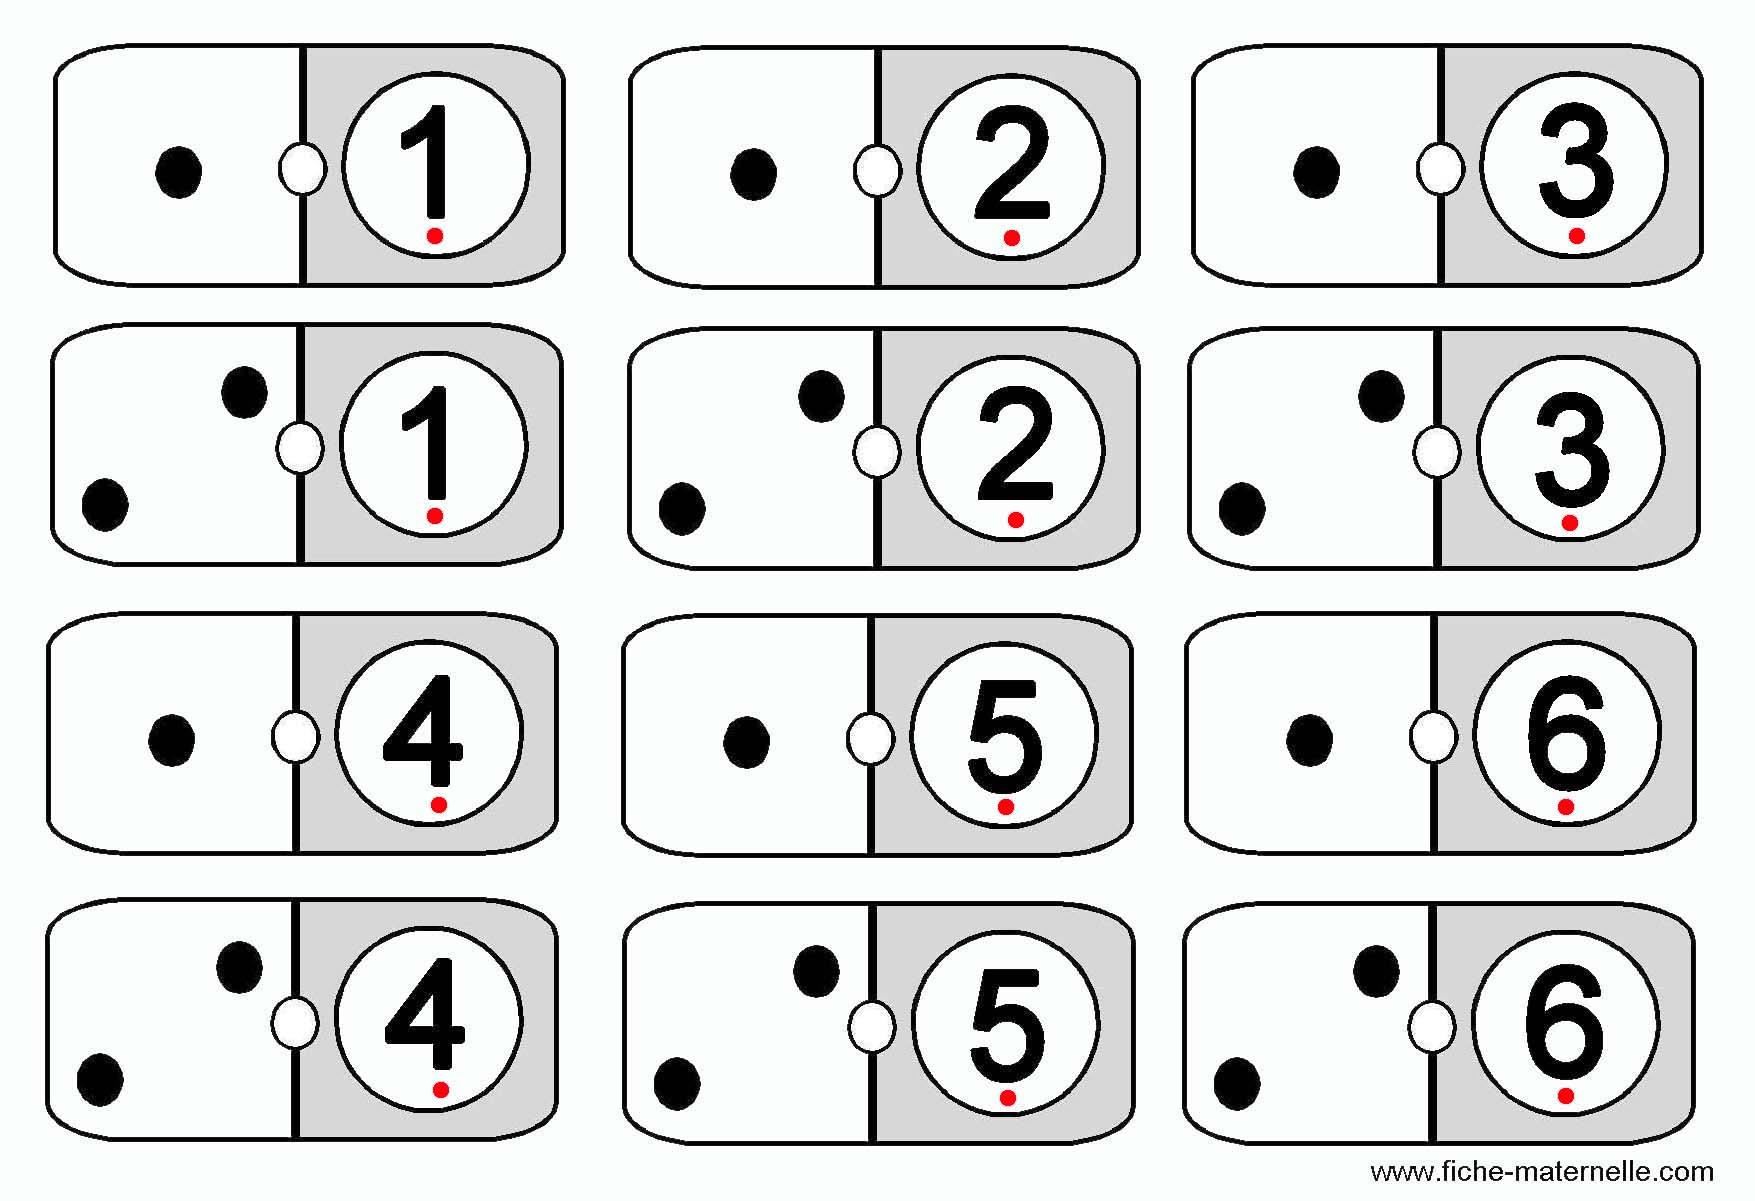 Jeux Mathématiques Pour Apprendre À Compter En Maternelle. intérieur Jeux Avec Des Chiffres